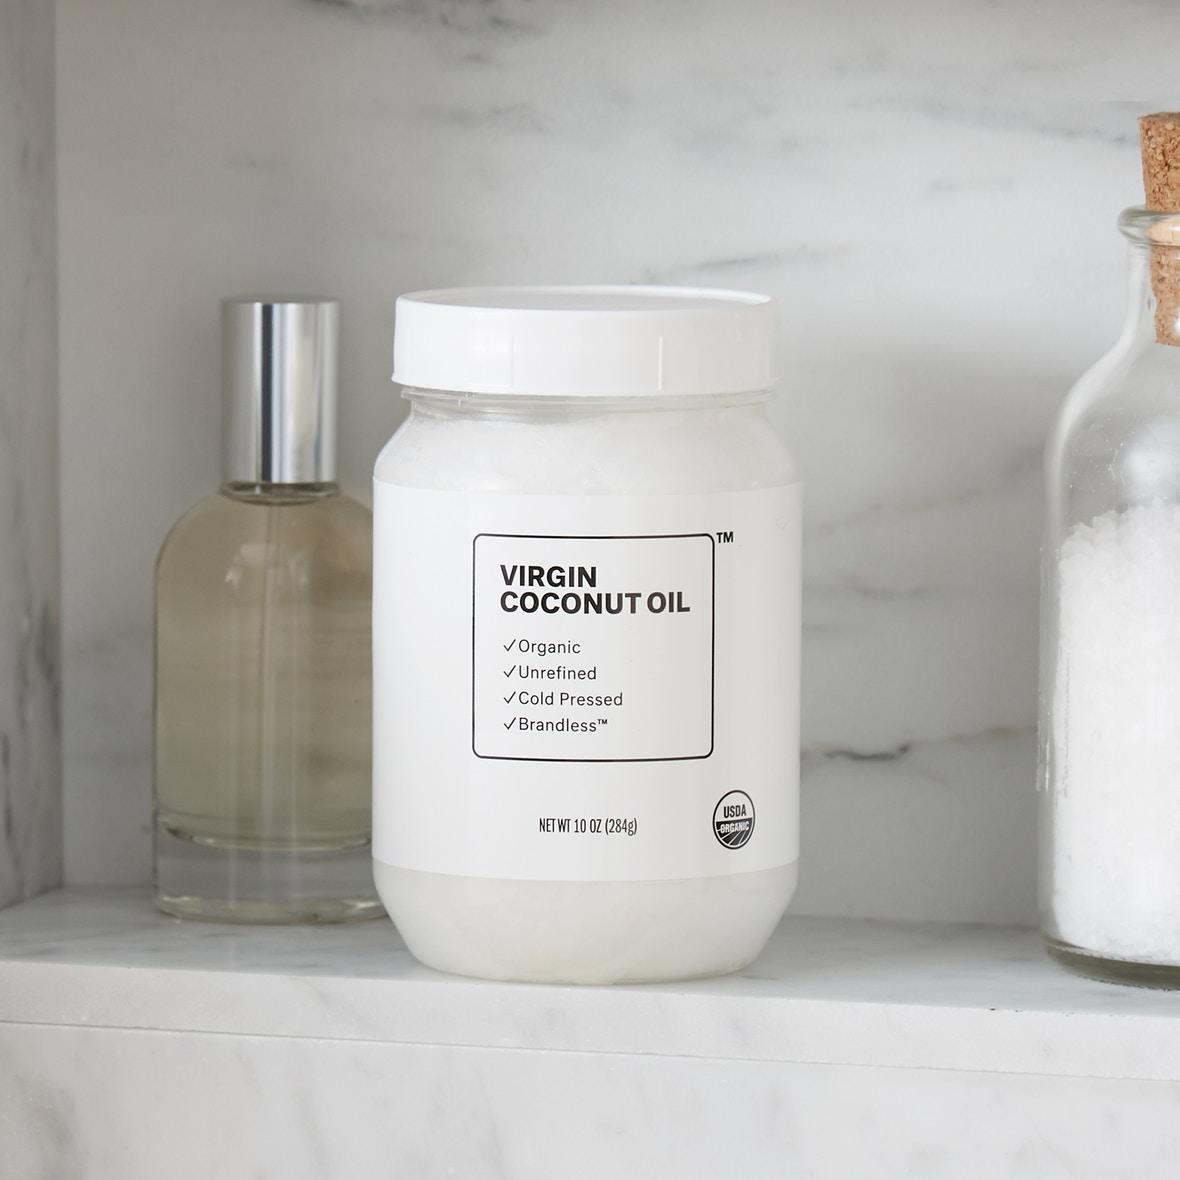 椰子油包装-brandless-极简主义